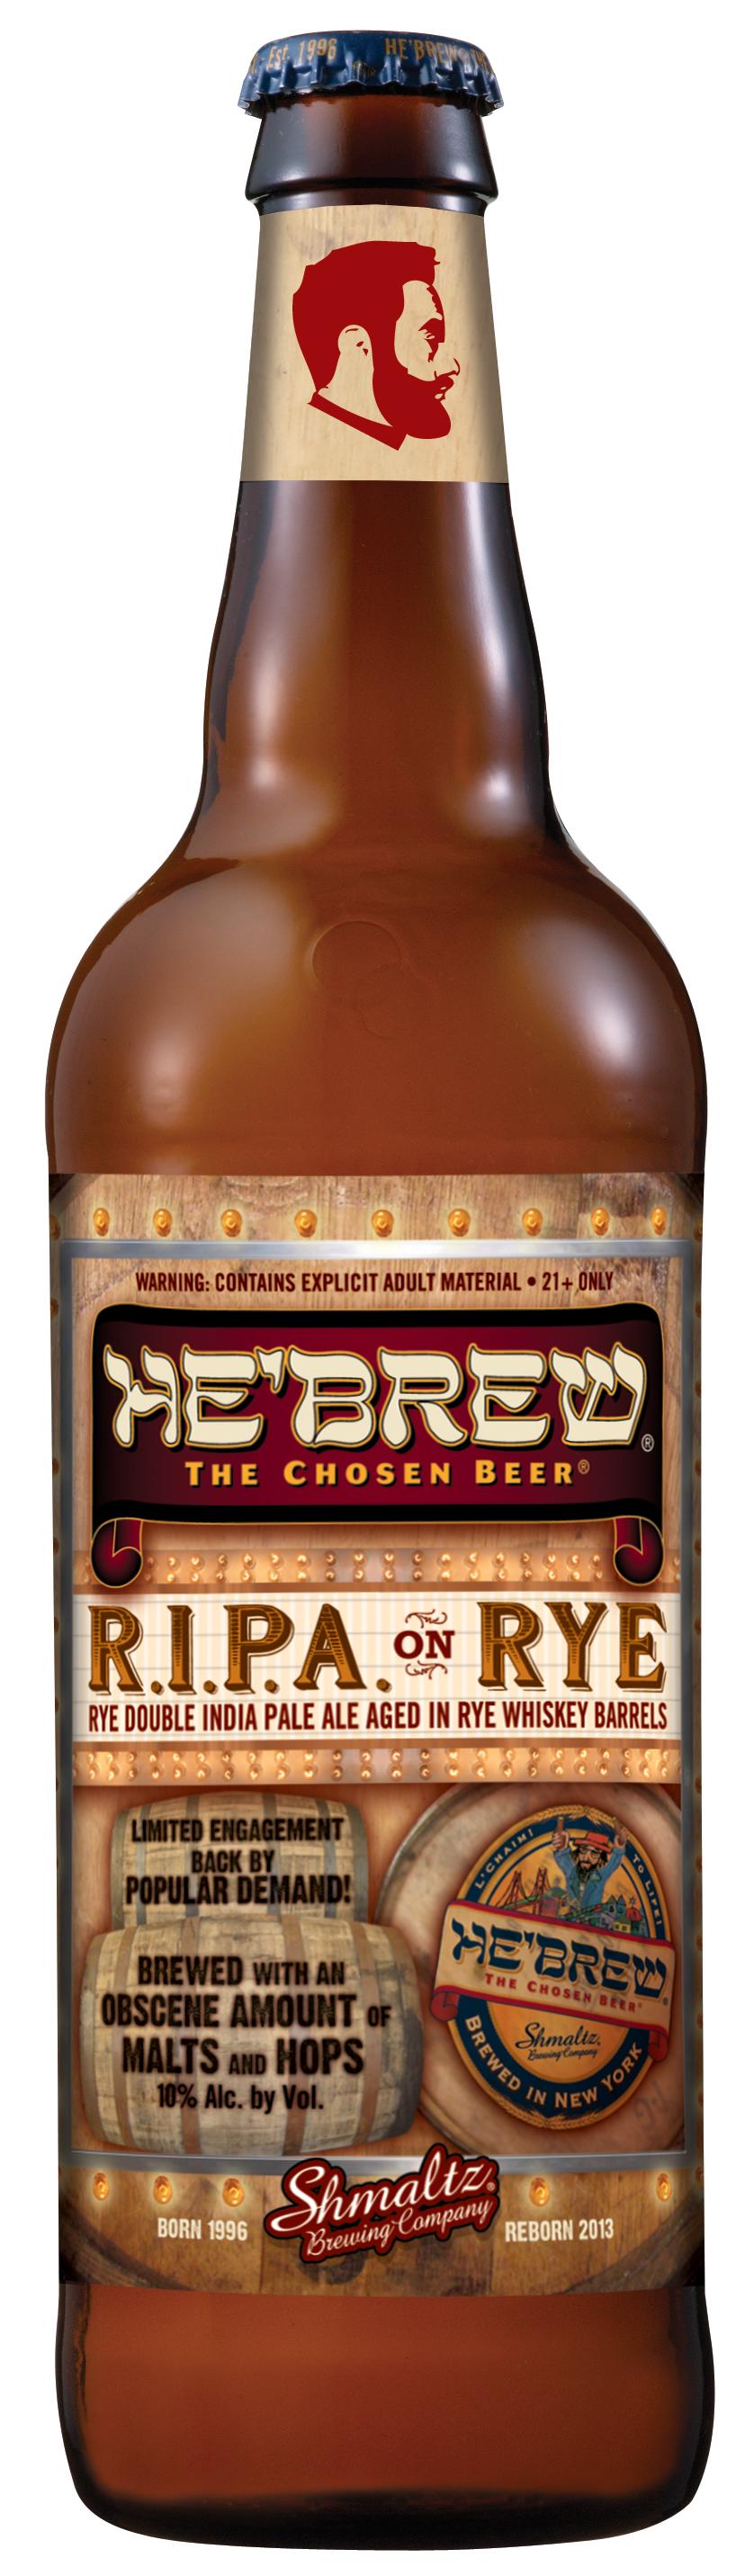 RIPARYE14_bottle.jpg